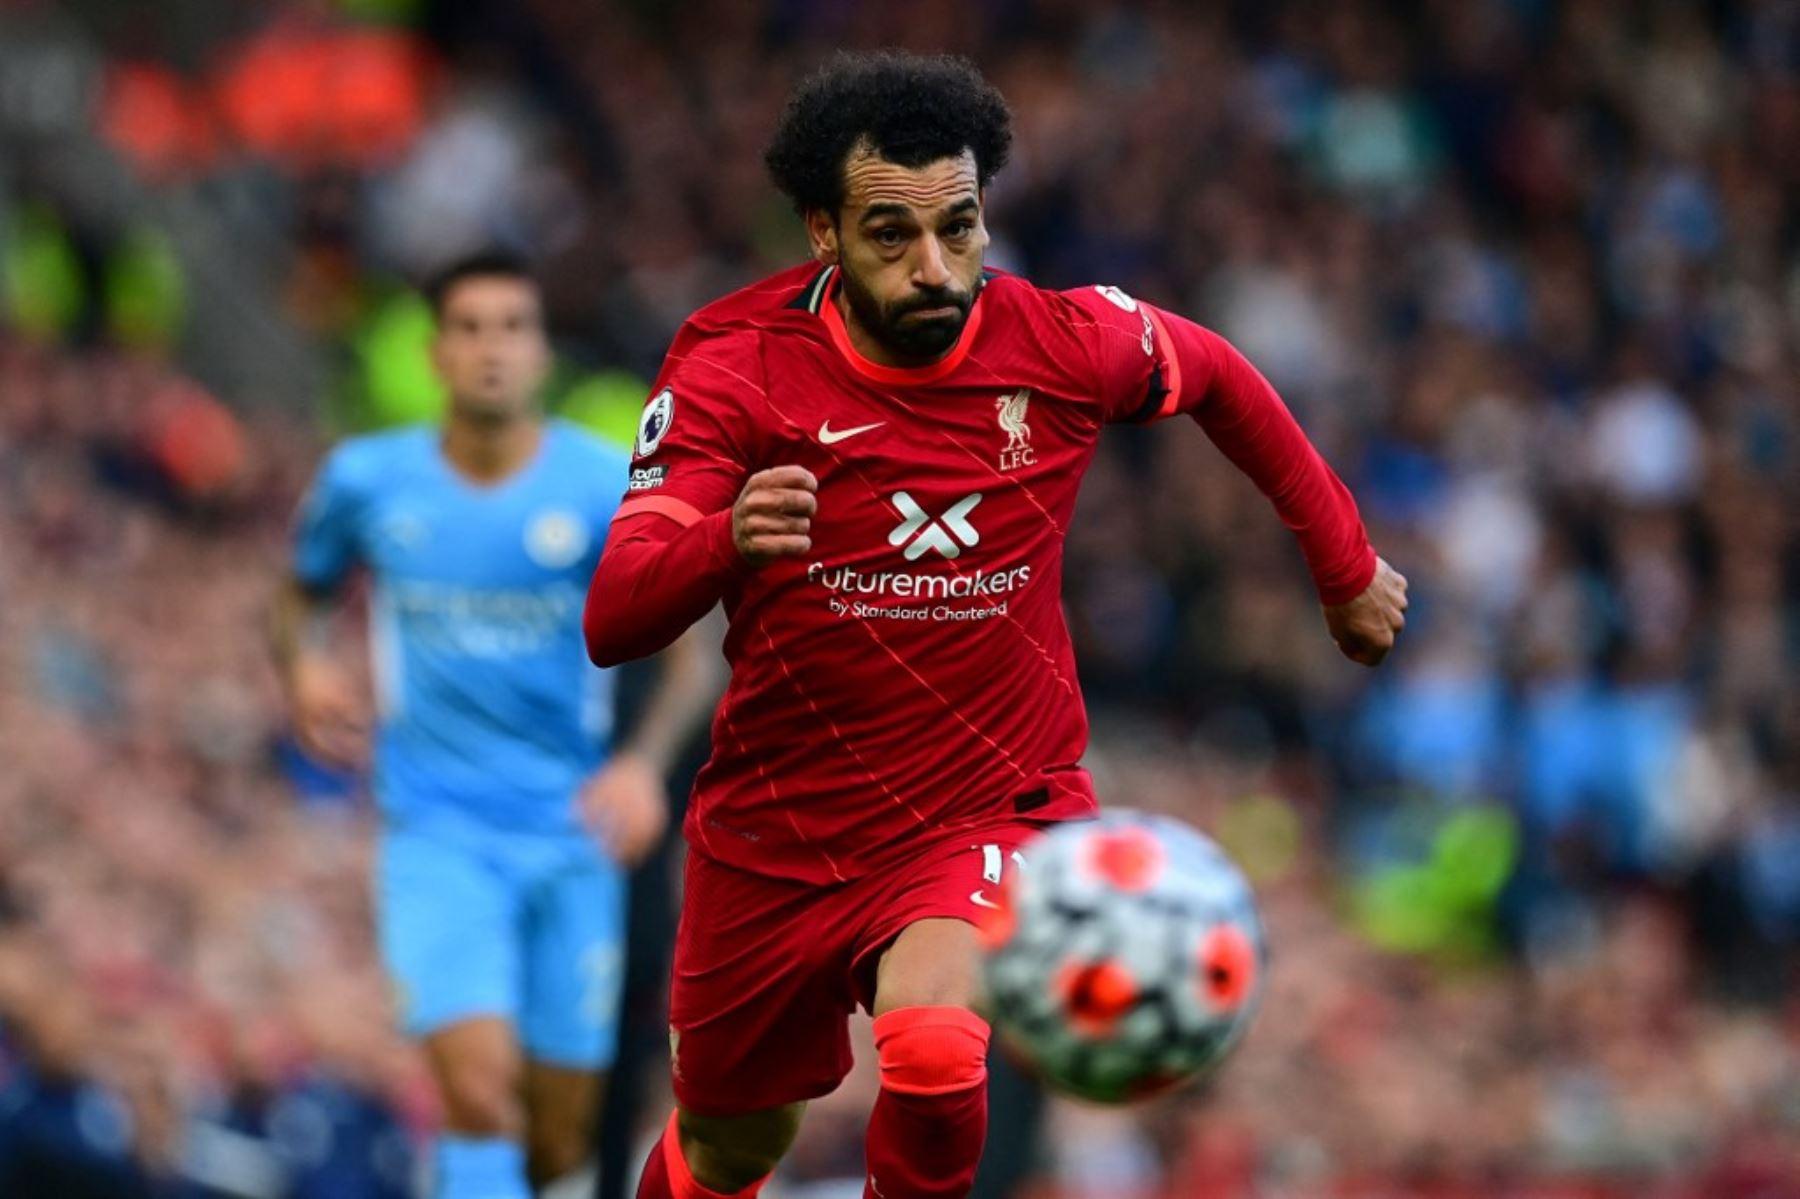 Liverpool y Manchester City igualaron en electrizante partido en Anfield